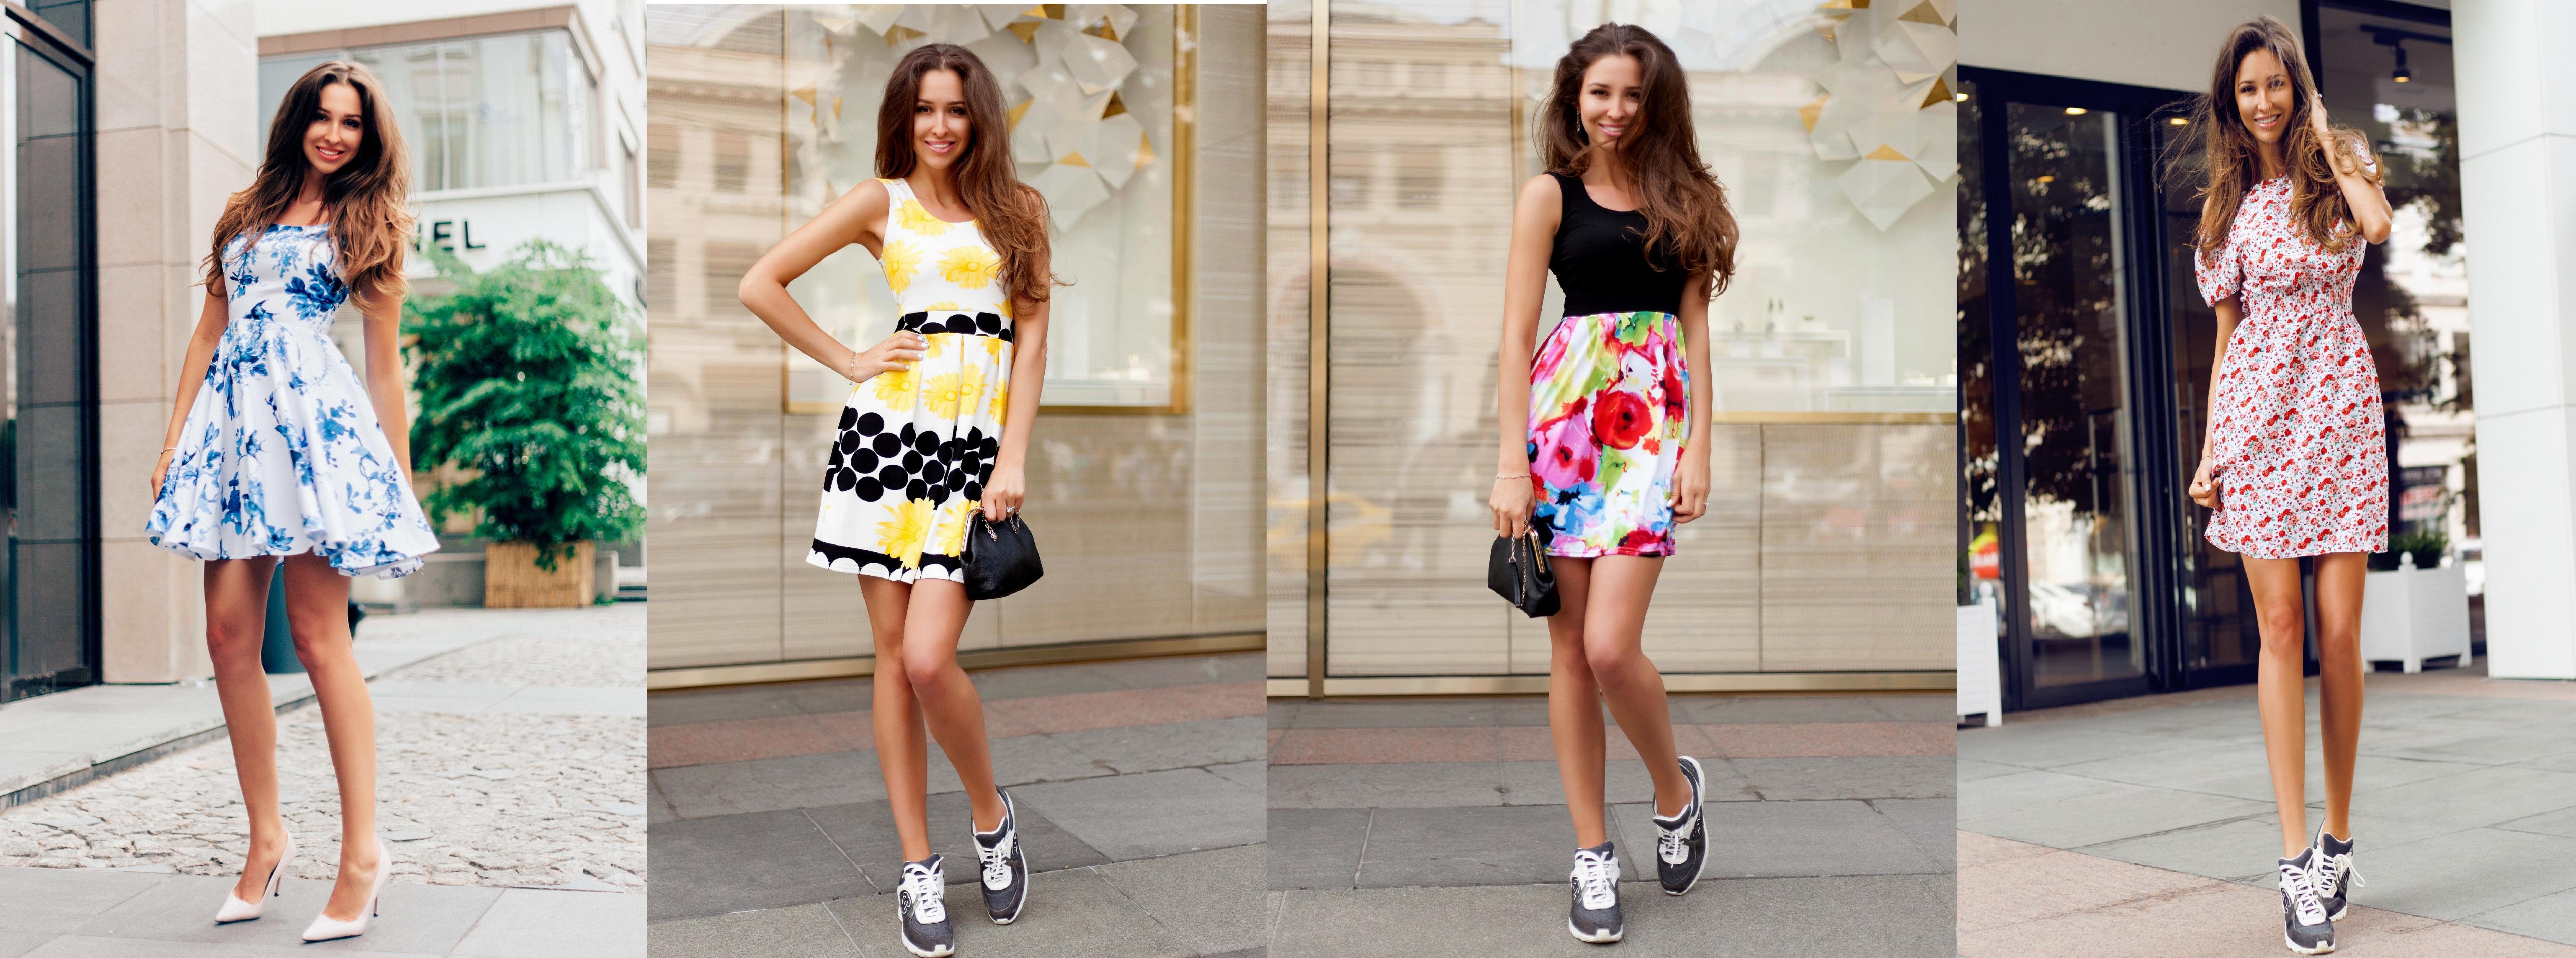 Сбор заказов. Женская одежда Elena FEDEL- бутик идеального платья. Без рядов. Галереи